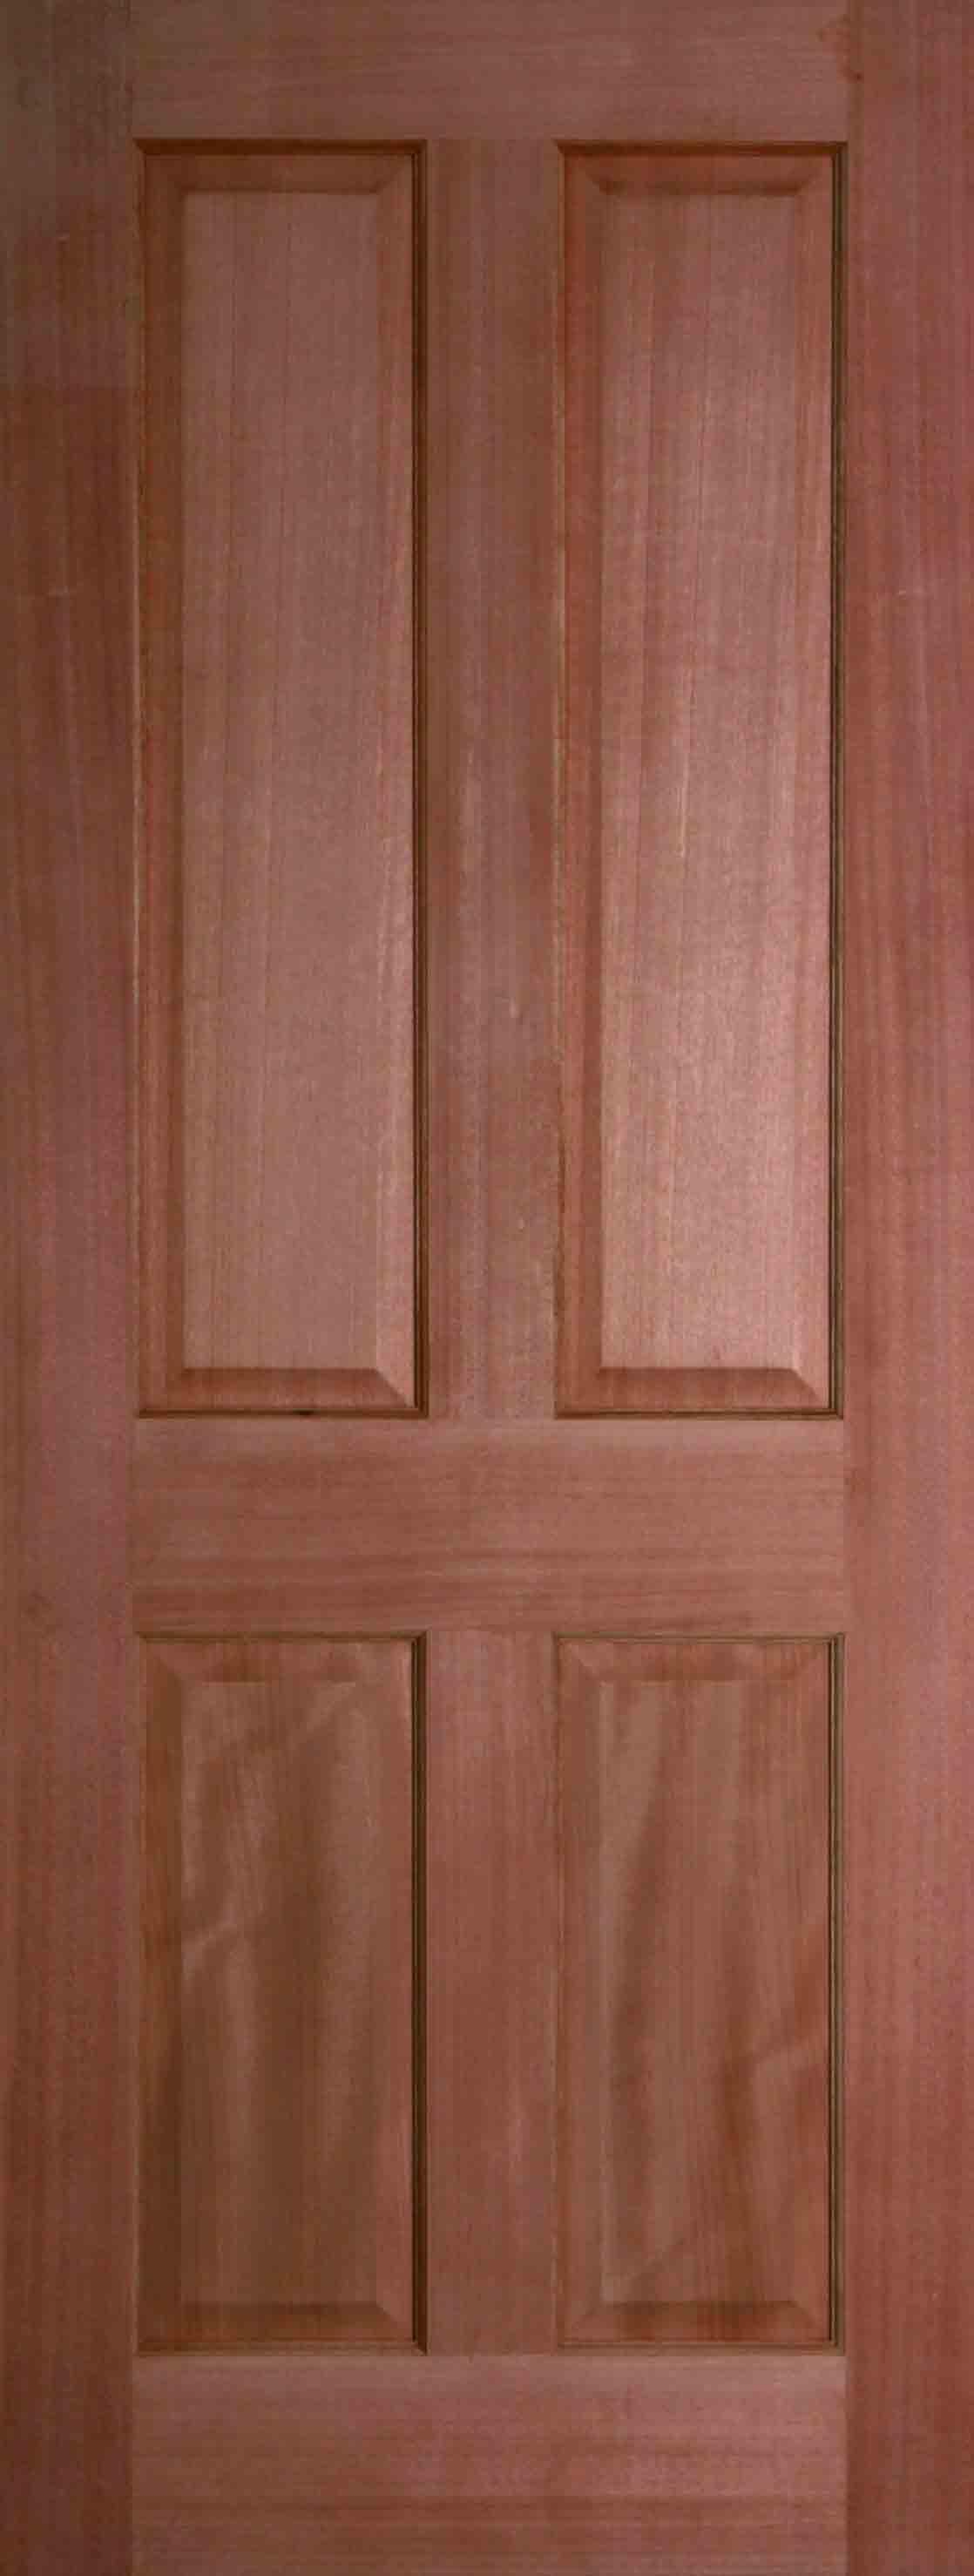 4 Panel Door : Internal hardwood colonial panel door unfinished finewood